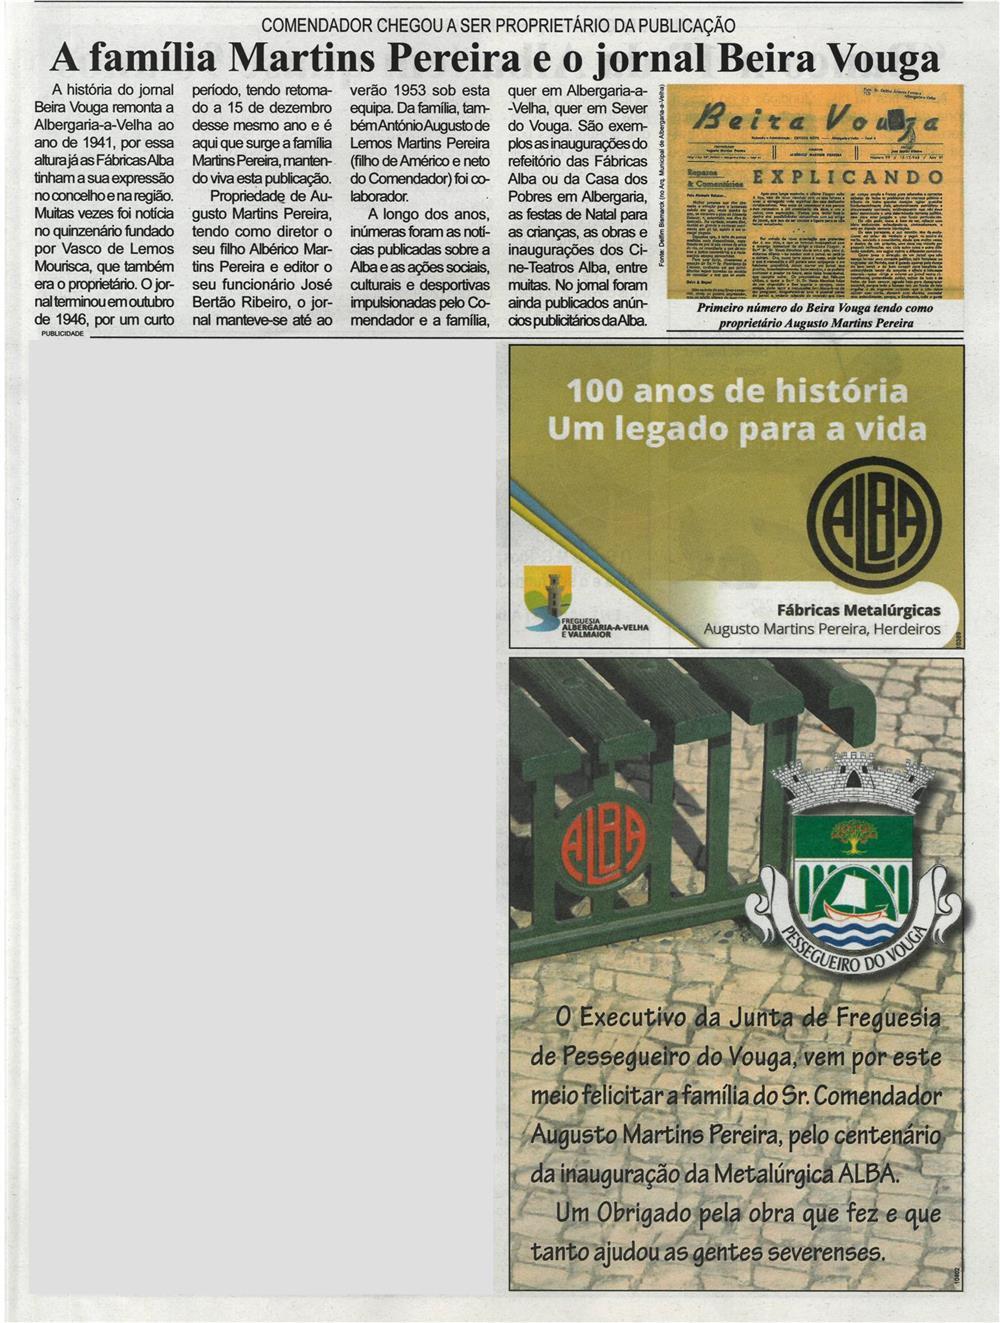 BV-1.ªmar.'21-p.11-Alba, uma história de 100 anos [4.ª parte de nove] : a Família Martins Pereira e o jornal Beira Vouga : Comendador chegou a ser proprietário da publicação.jpg